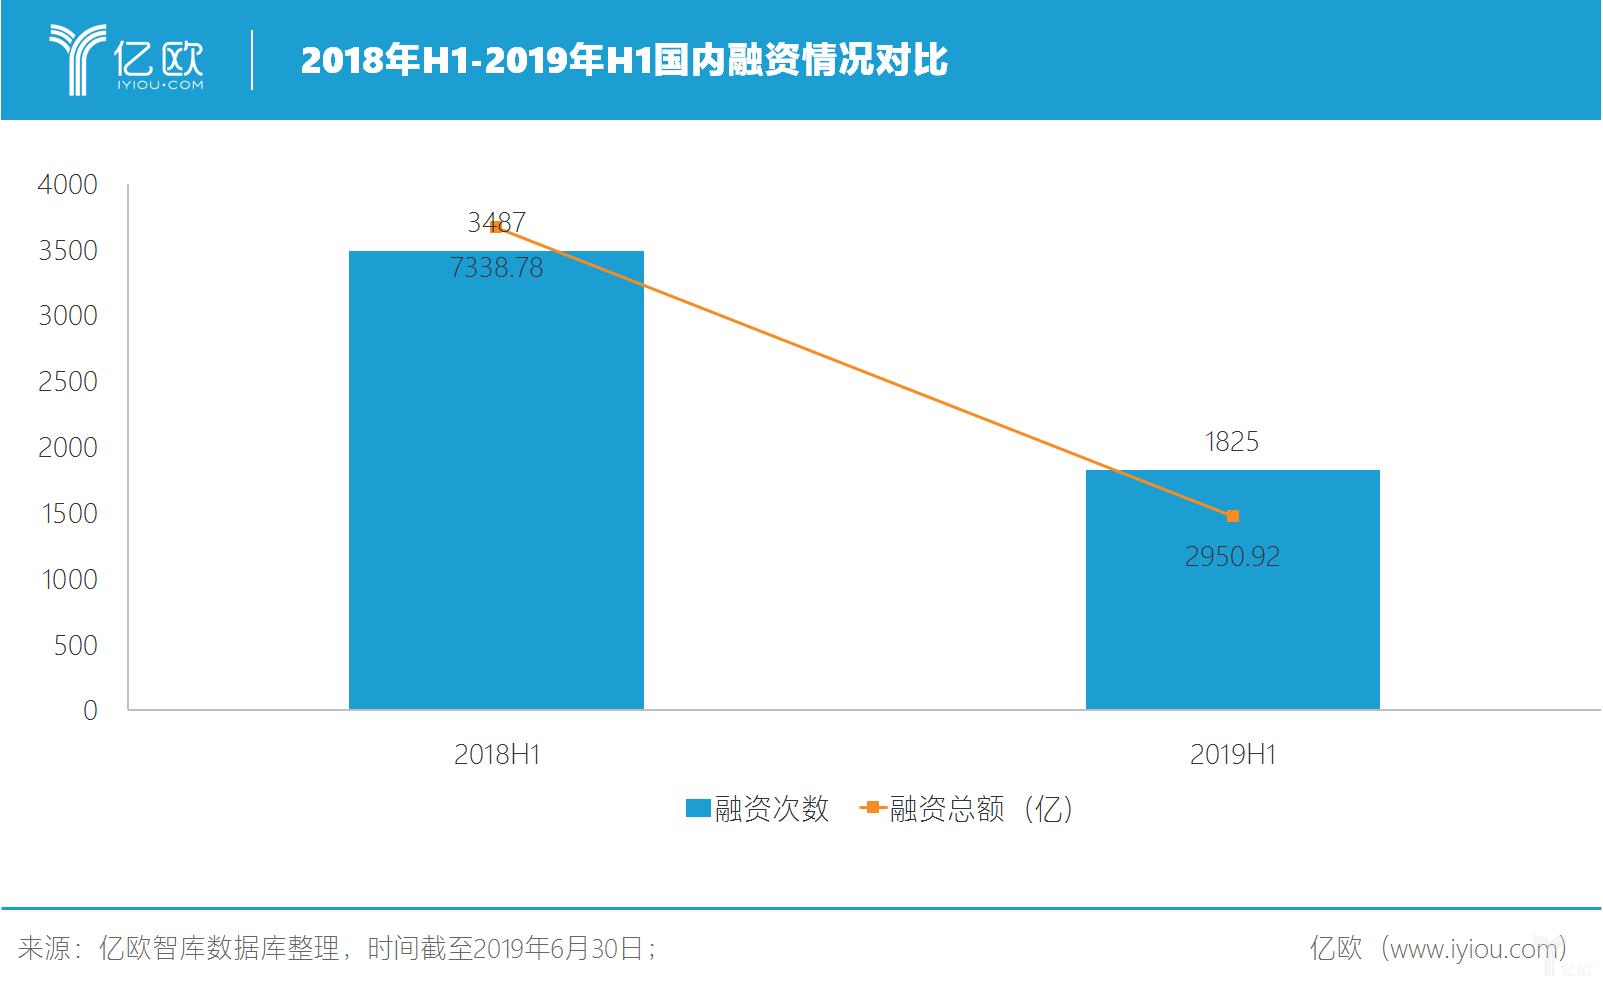 2018年H1-2019年H1国内融资情况对比